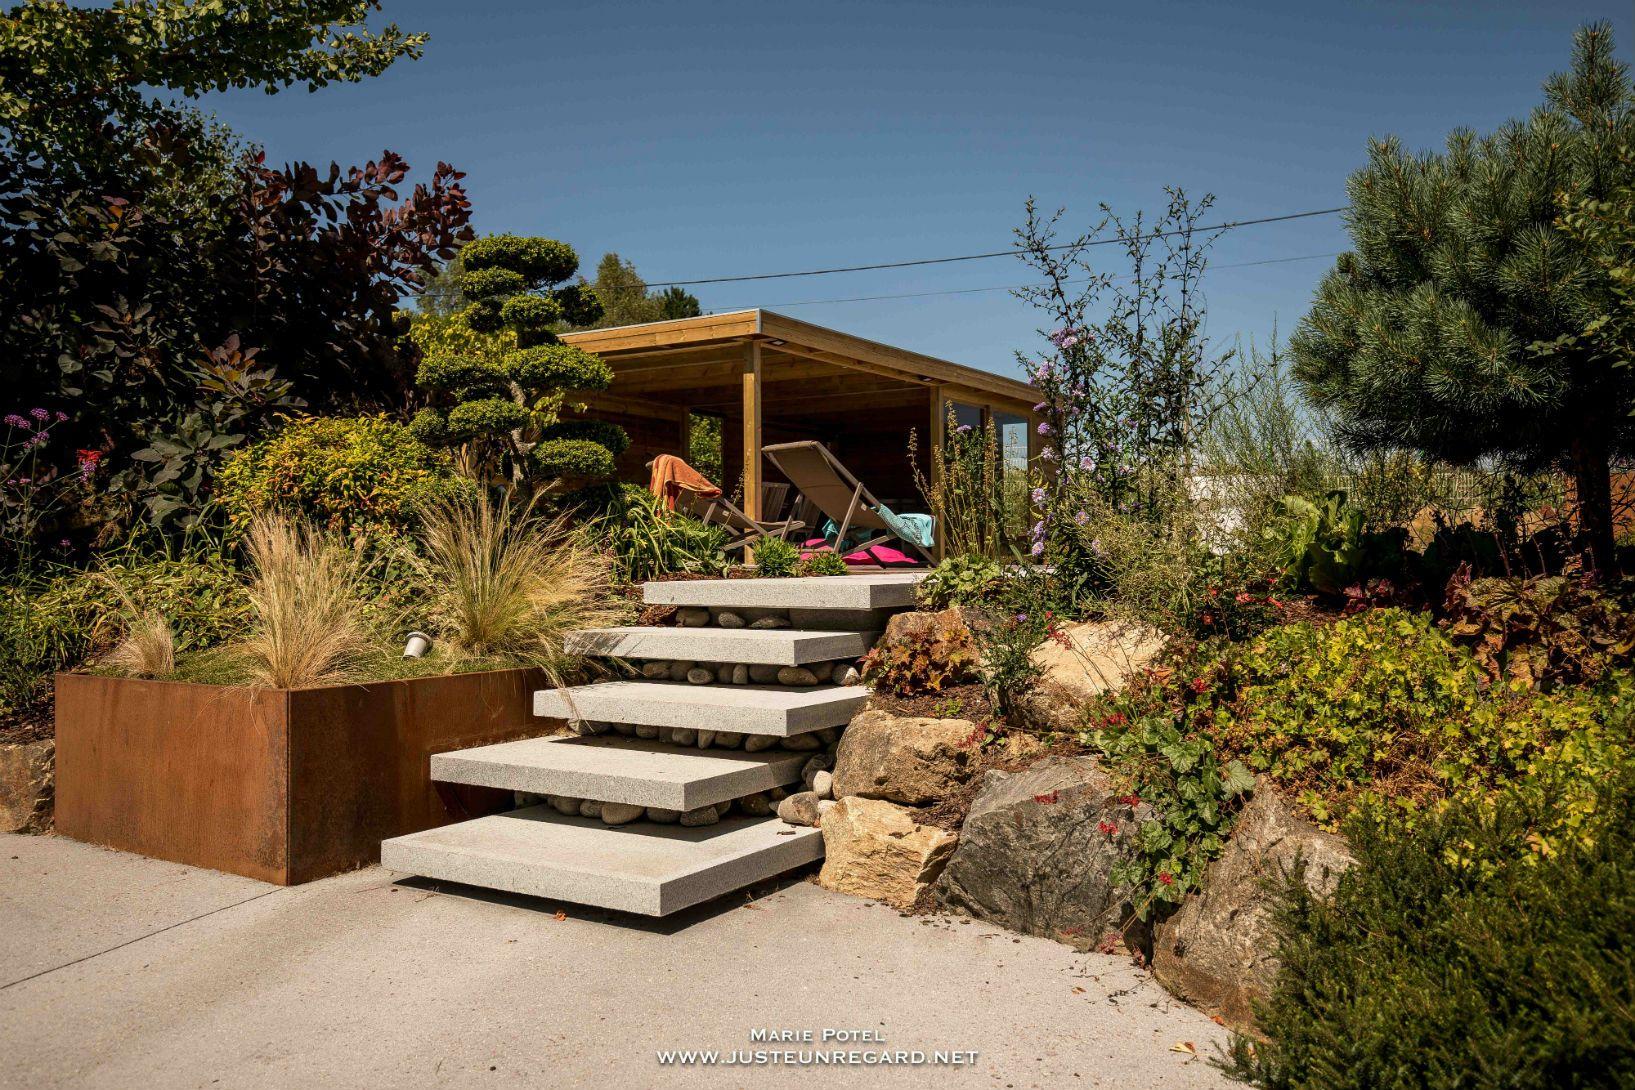 Rebeyrol Createur De Jardins Escalier Limoges Amenagement De